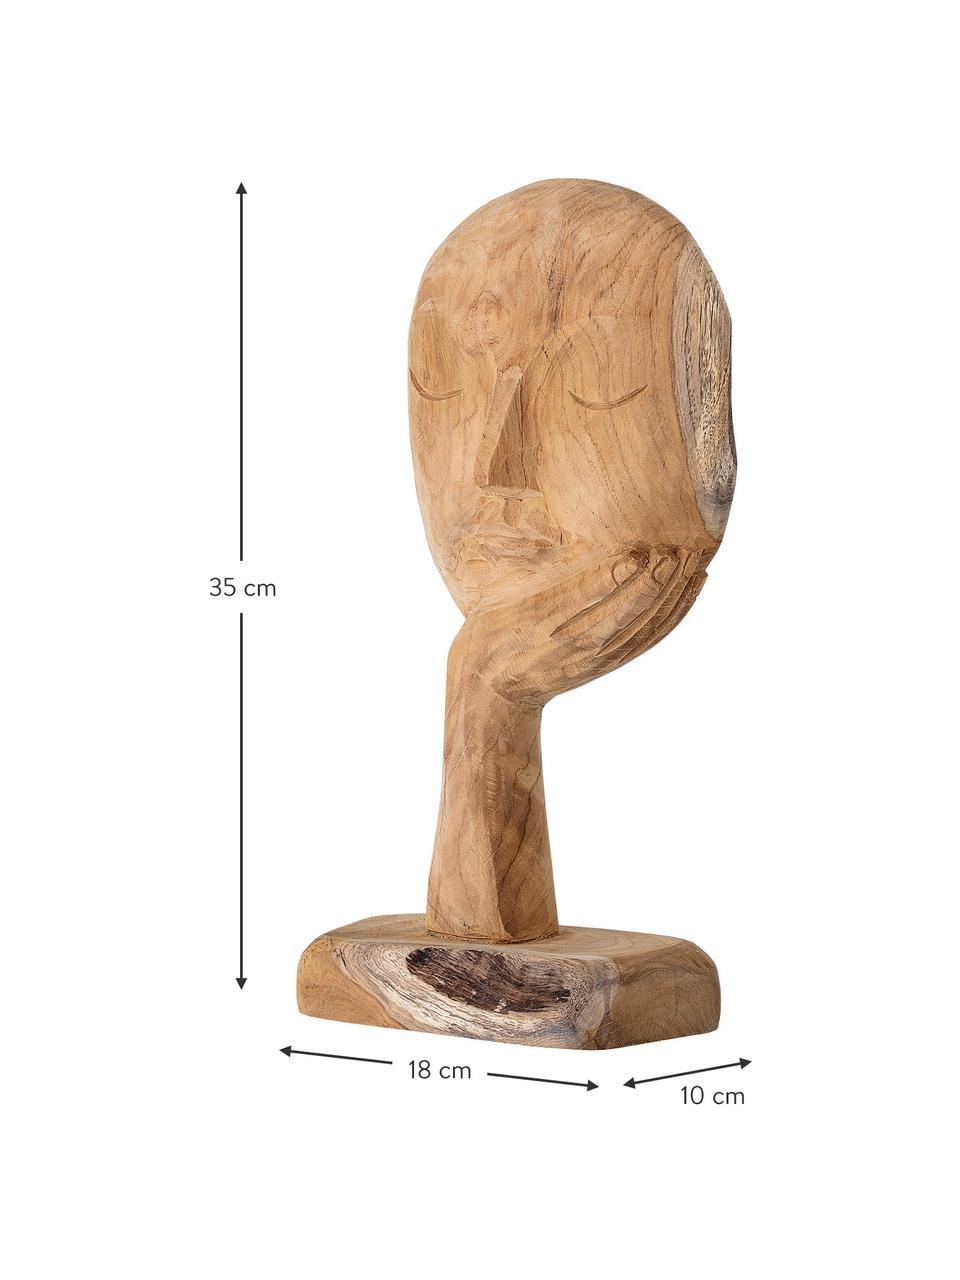 Handgefertigtes Deko-Objekt Thought, Recyceltes Holz, Holz, 18 x 35 cm